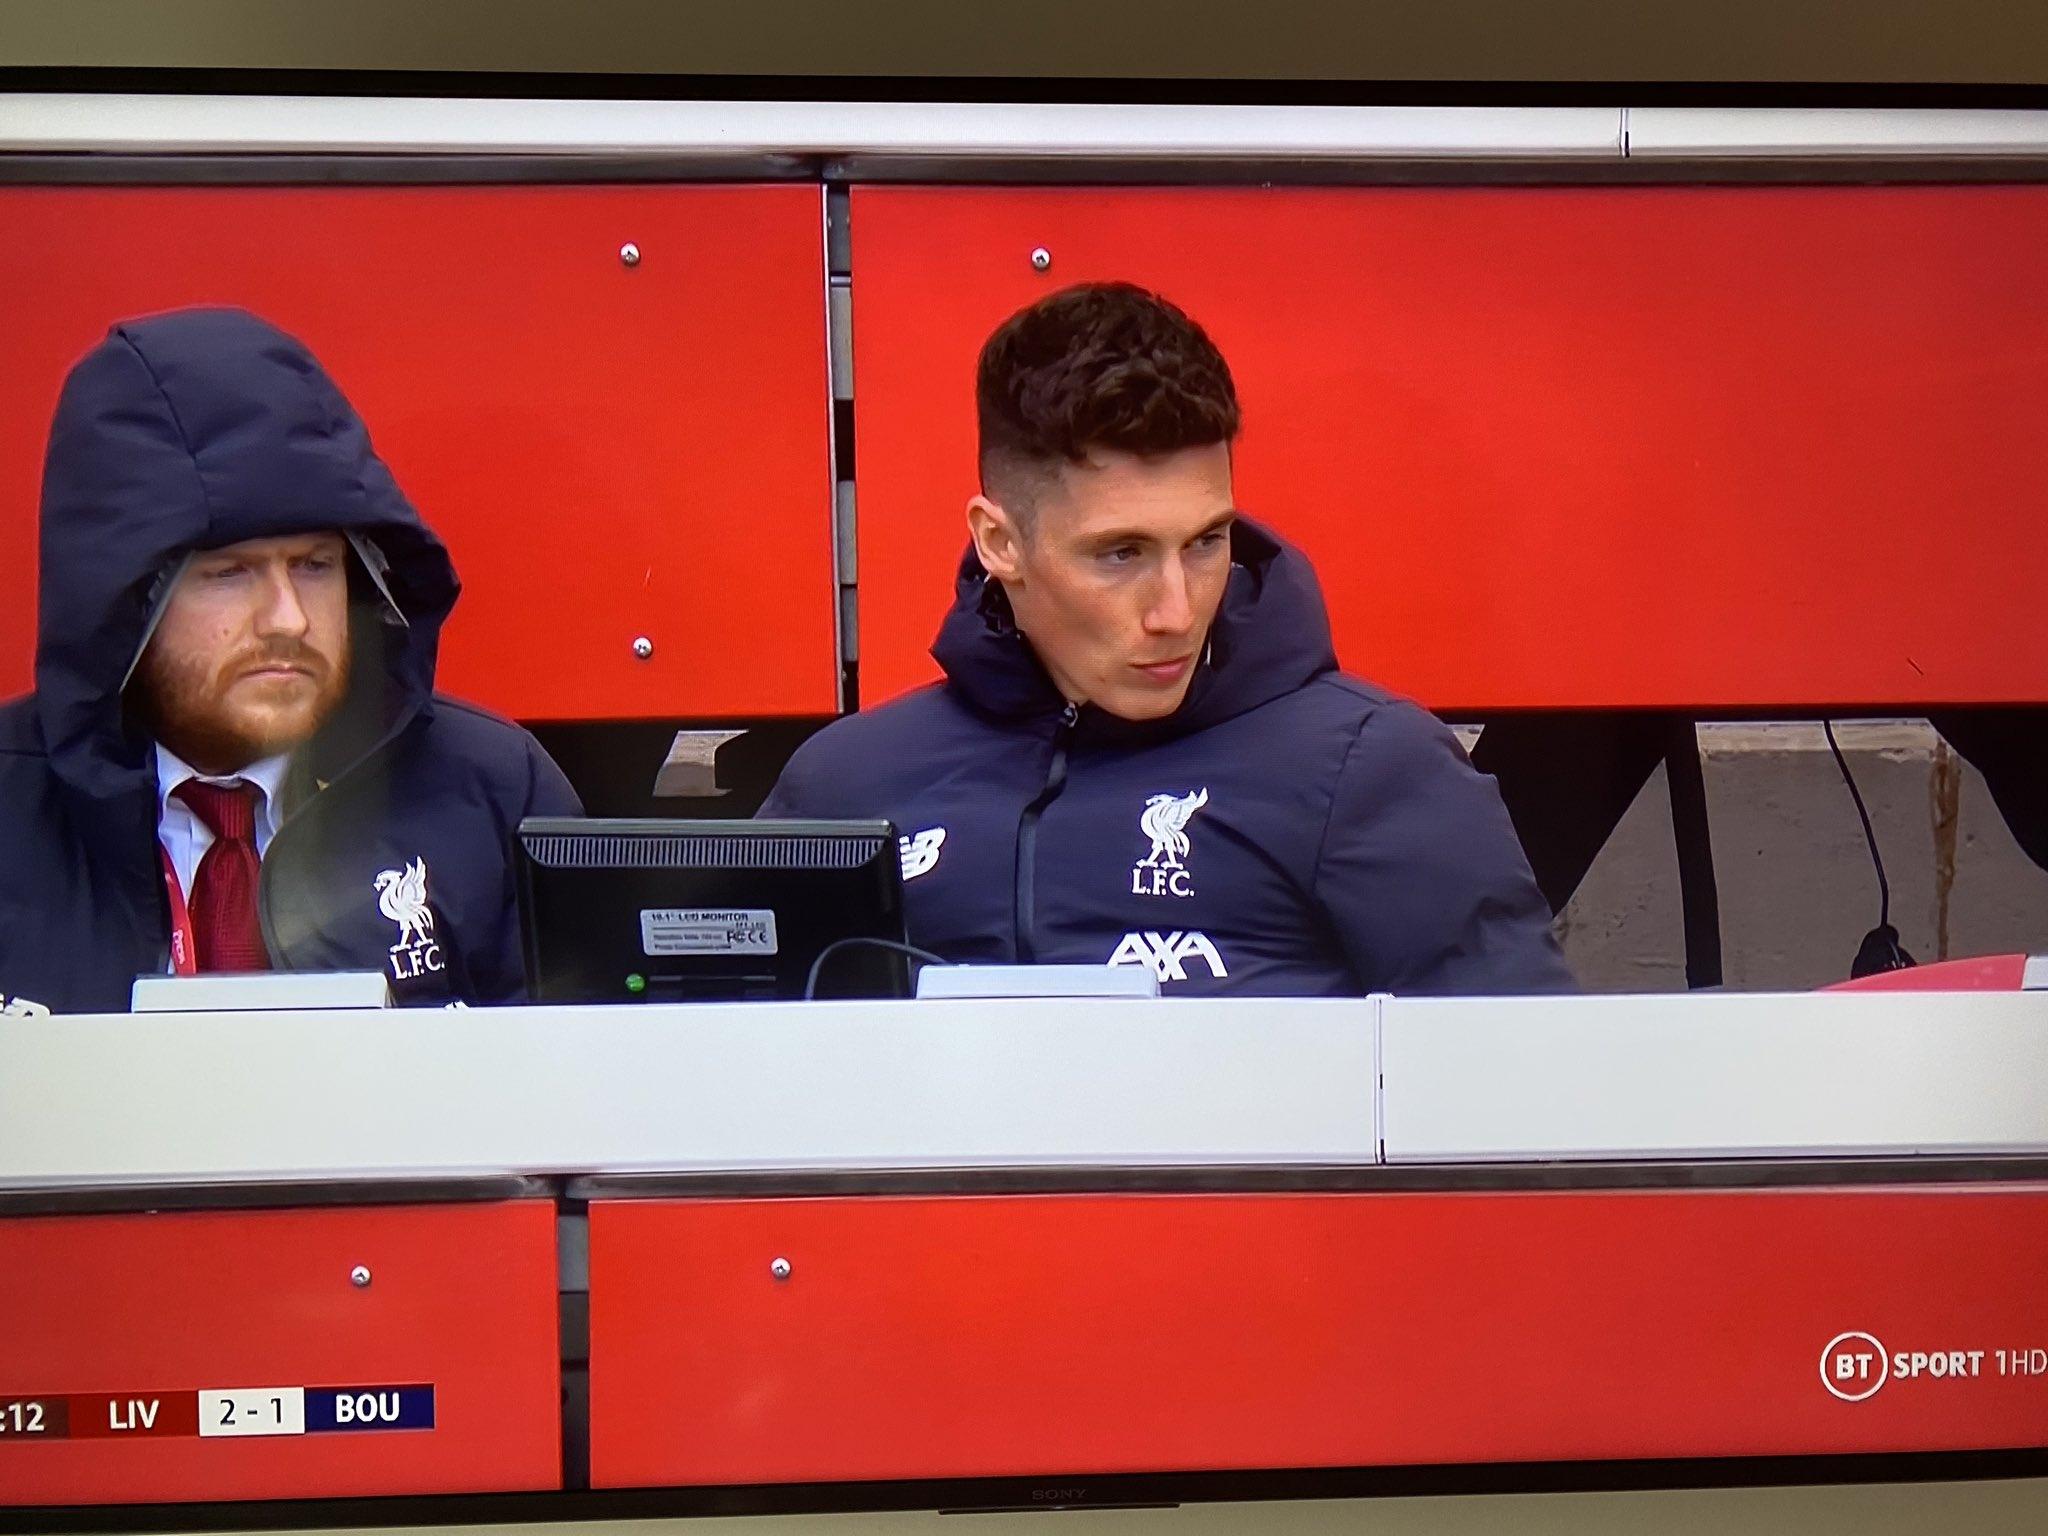 回声报:利物浦今夏只会出售威尔逊&格鲁伊奇,不再安排两人外租